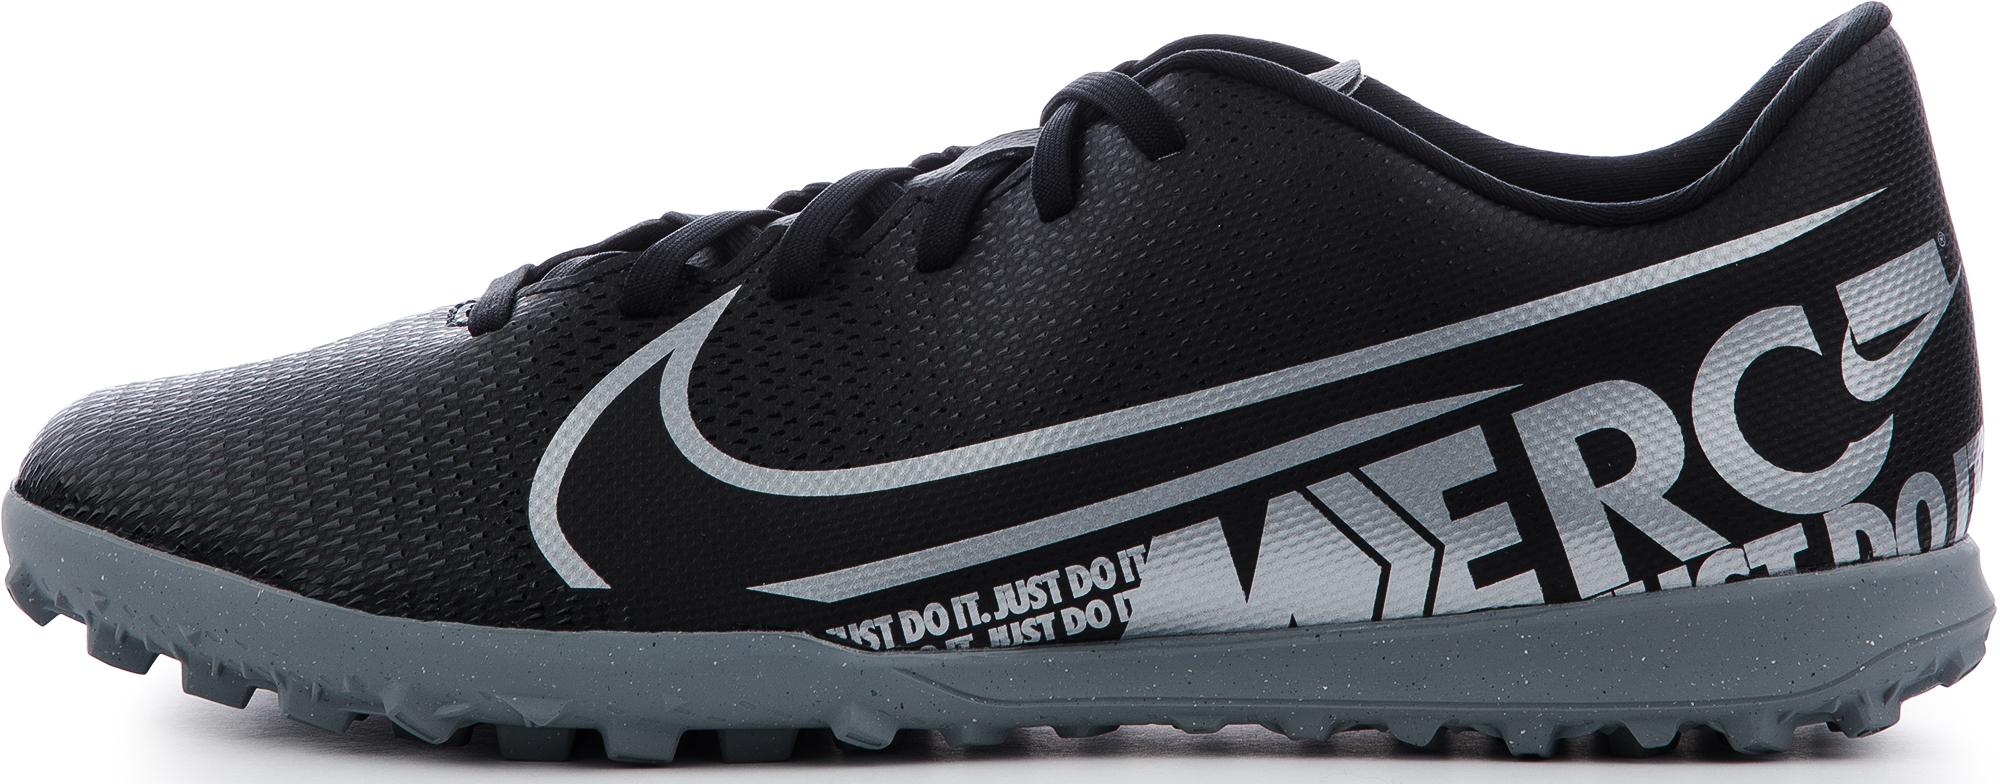 Nike Бутсы мужские Vapor 13 Club TF, размер 45